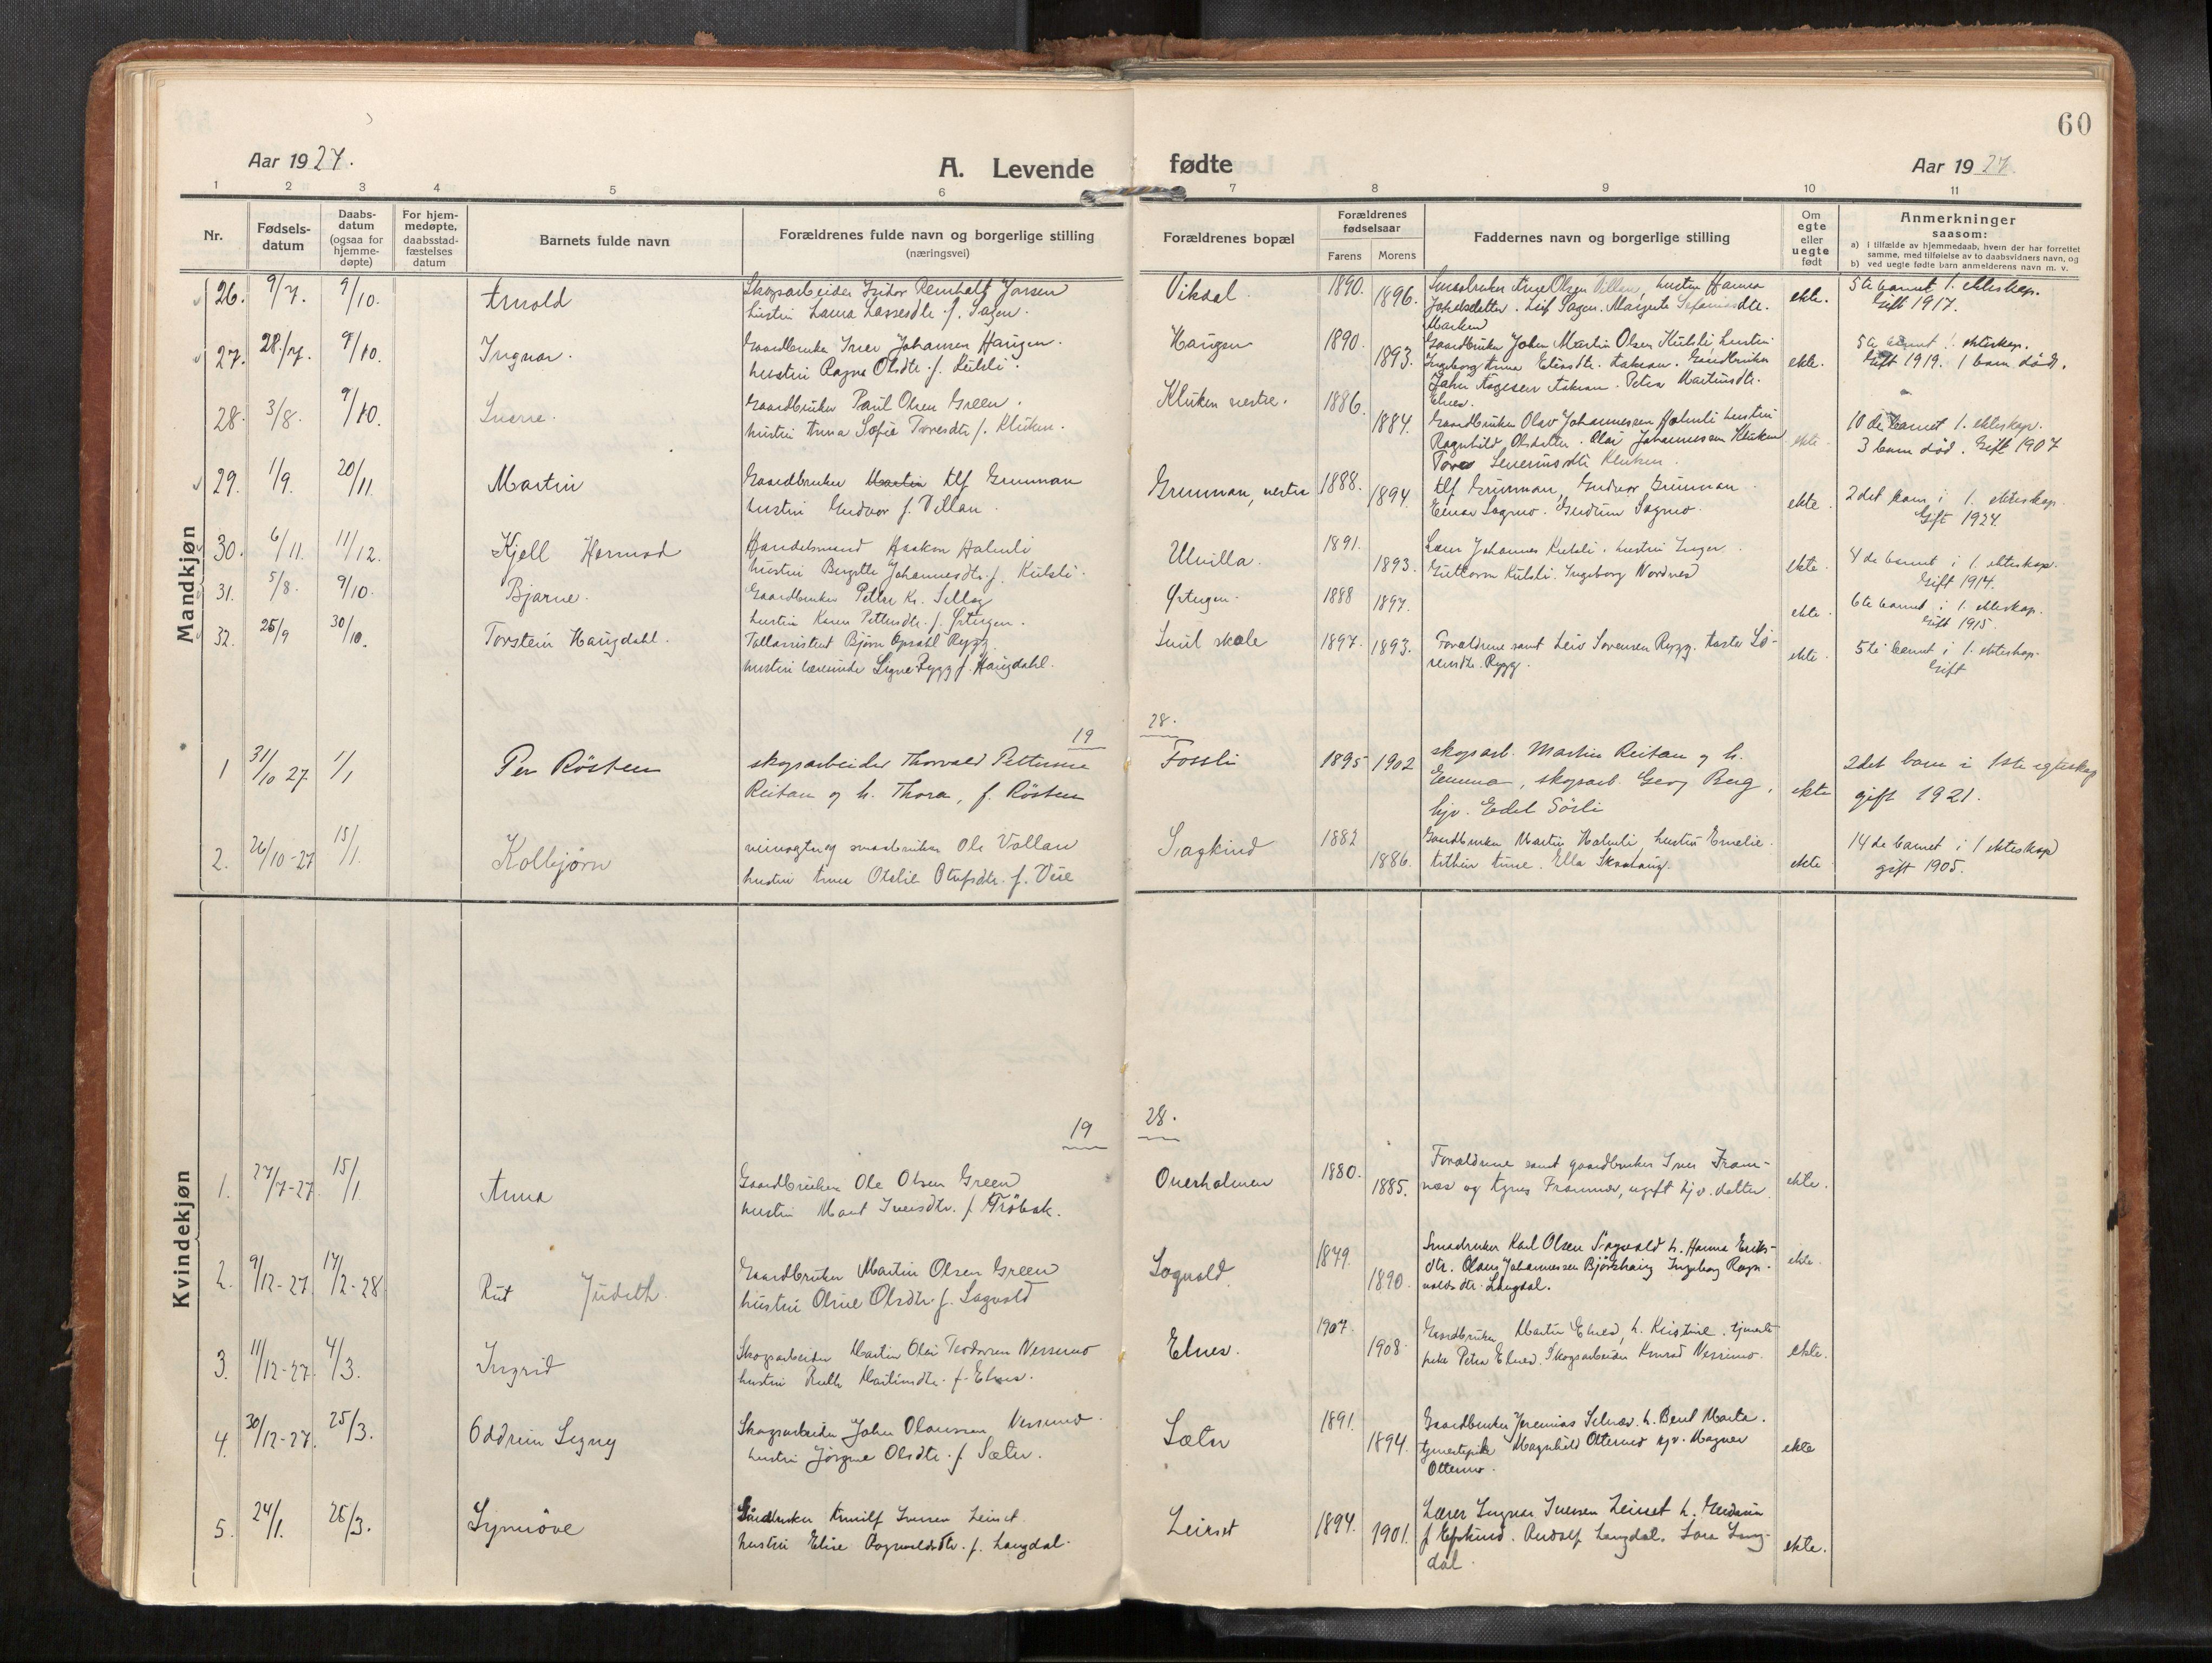 SAT, Verdal sokneprestkontor*, Parish register (official) no. 1, 1916-1928, p. 60